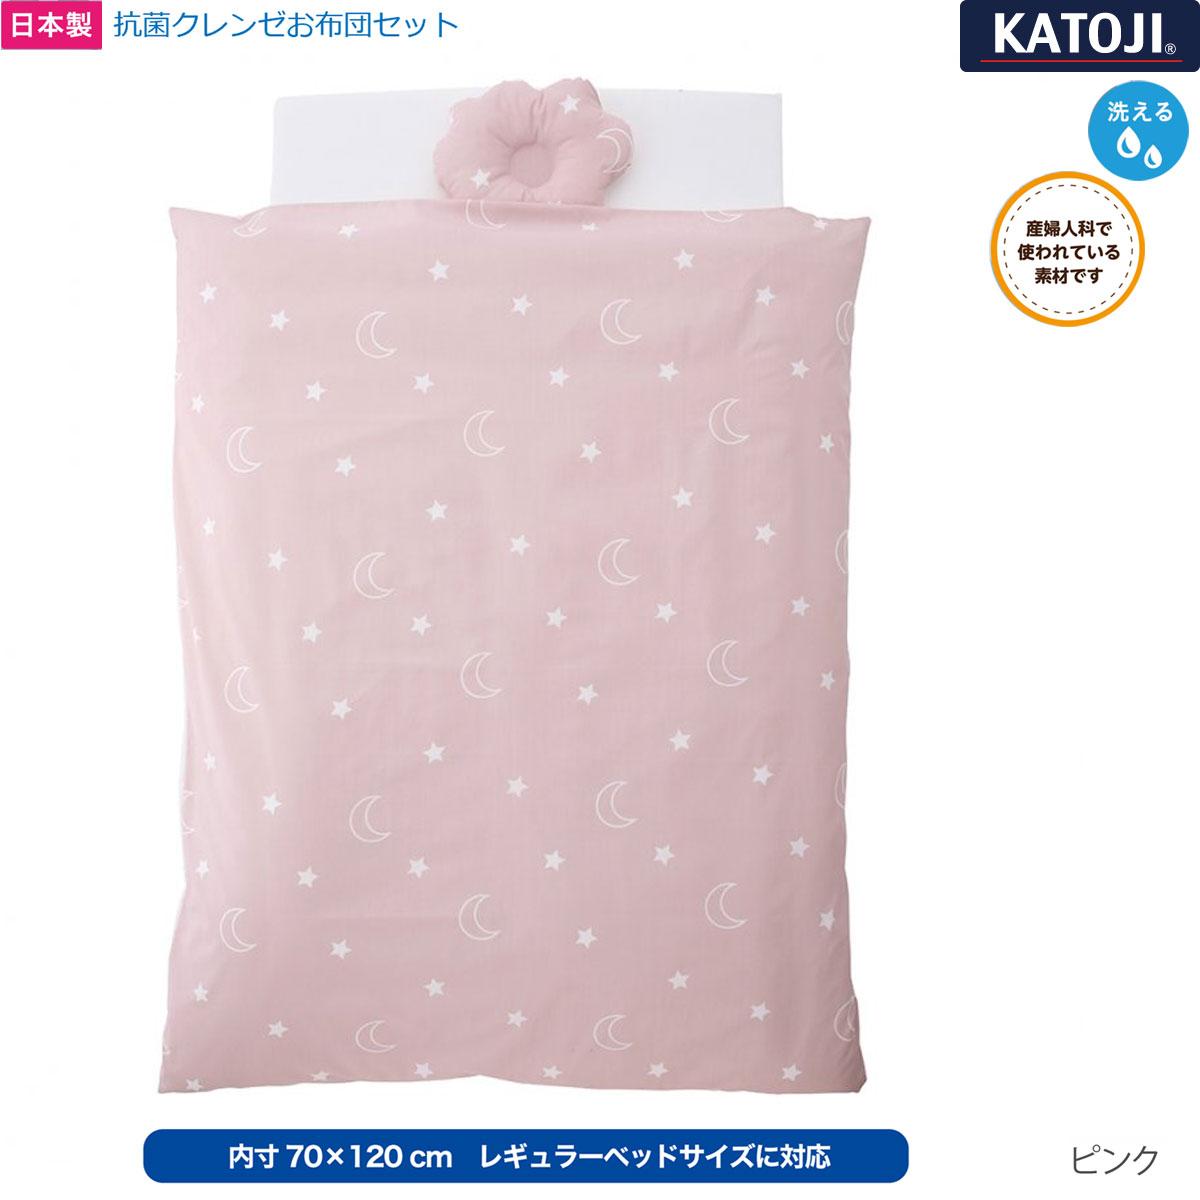 【送料無料】【日本製】カトージ 抗菌クレンゼ 布団6点セット ピンク(05934)/【内寸70×120cm】レギュラーベッドに対応